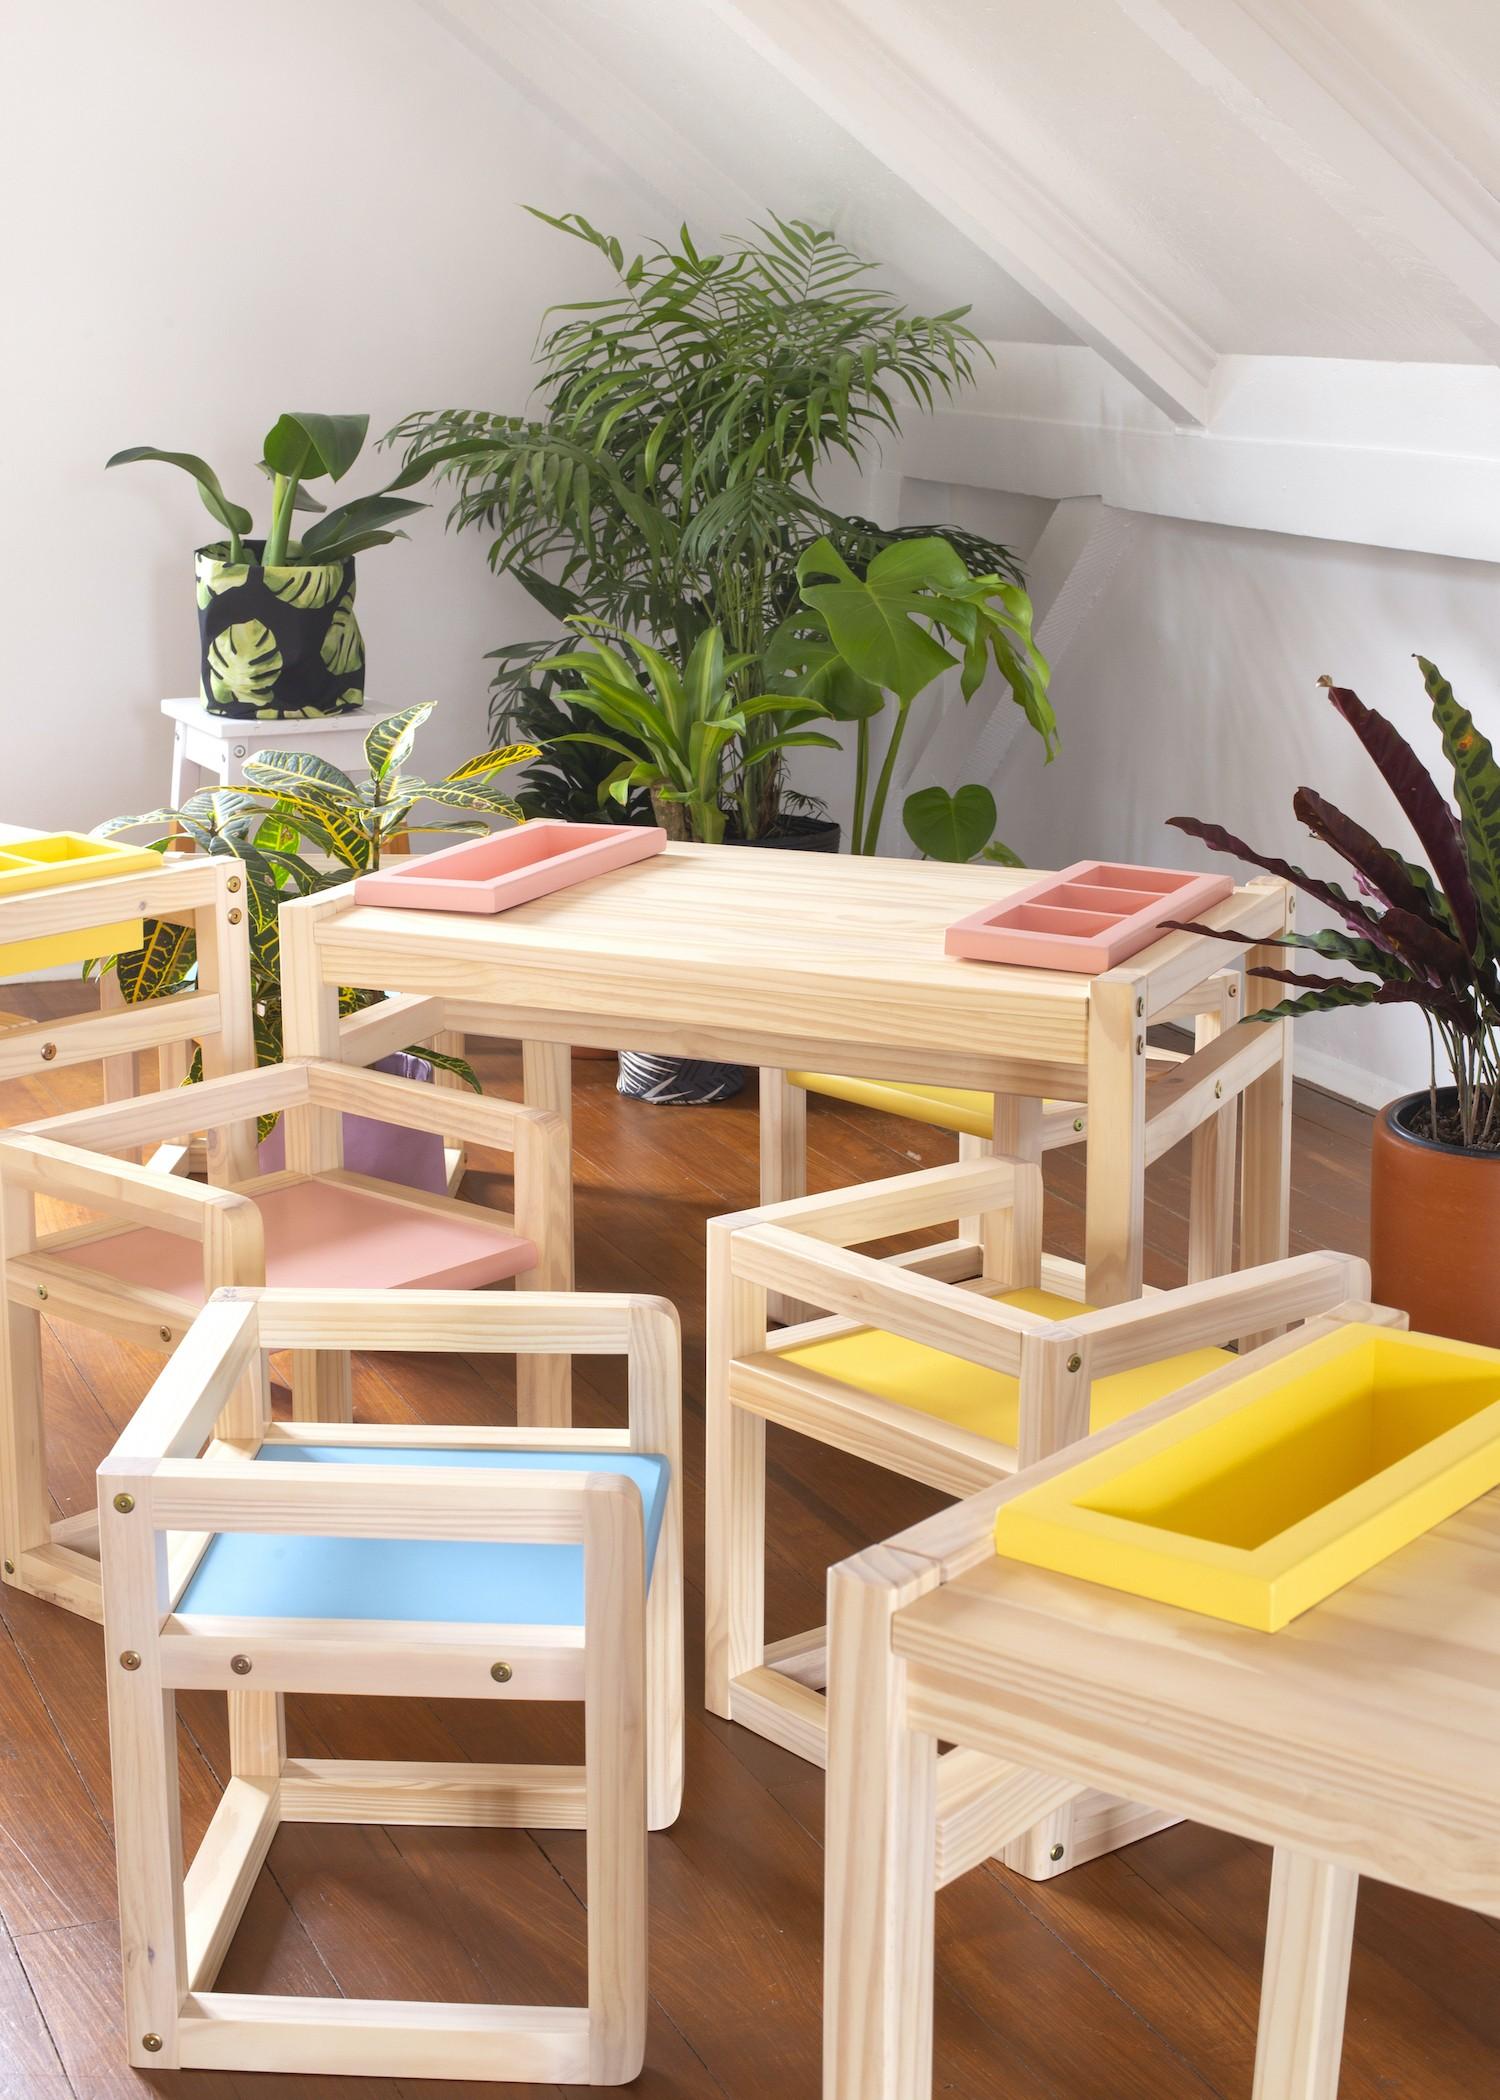 As peças do estúdio Minca oferecem um design lúdico e diferente (Foto: Divulgação / Estudio Minca)